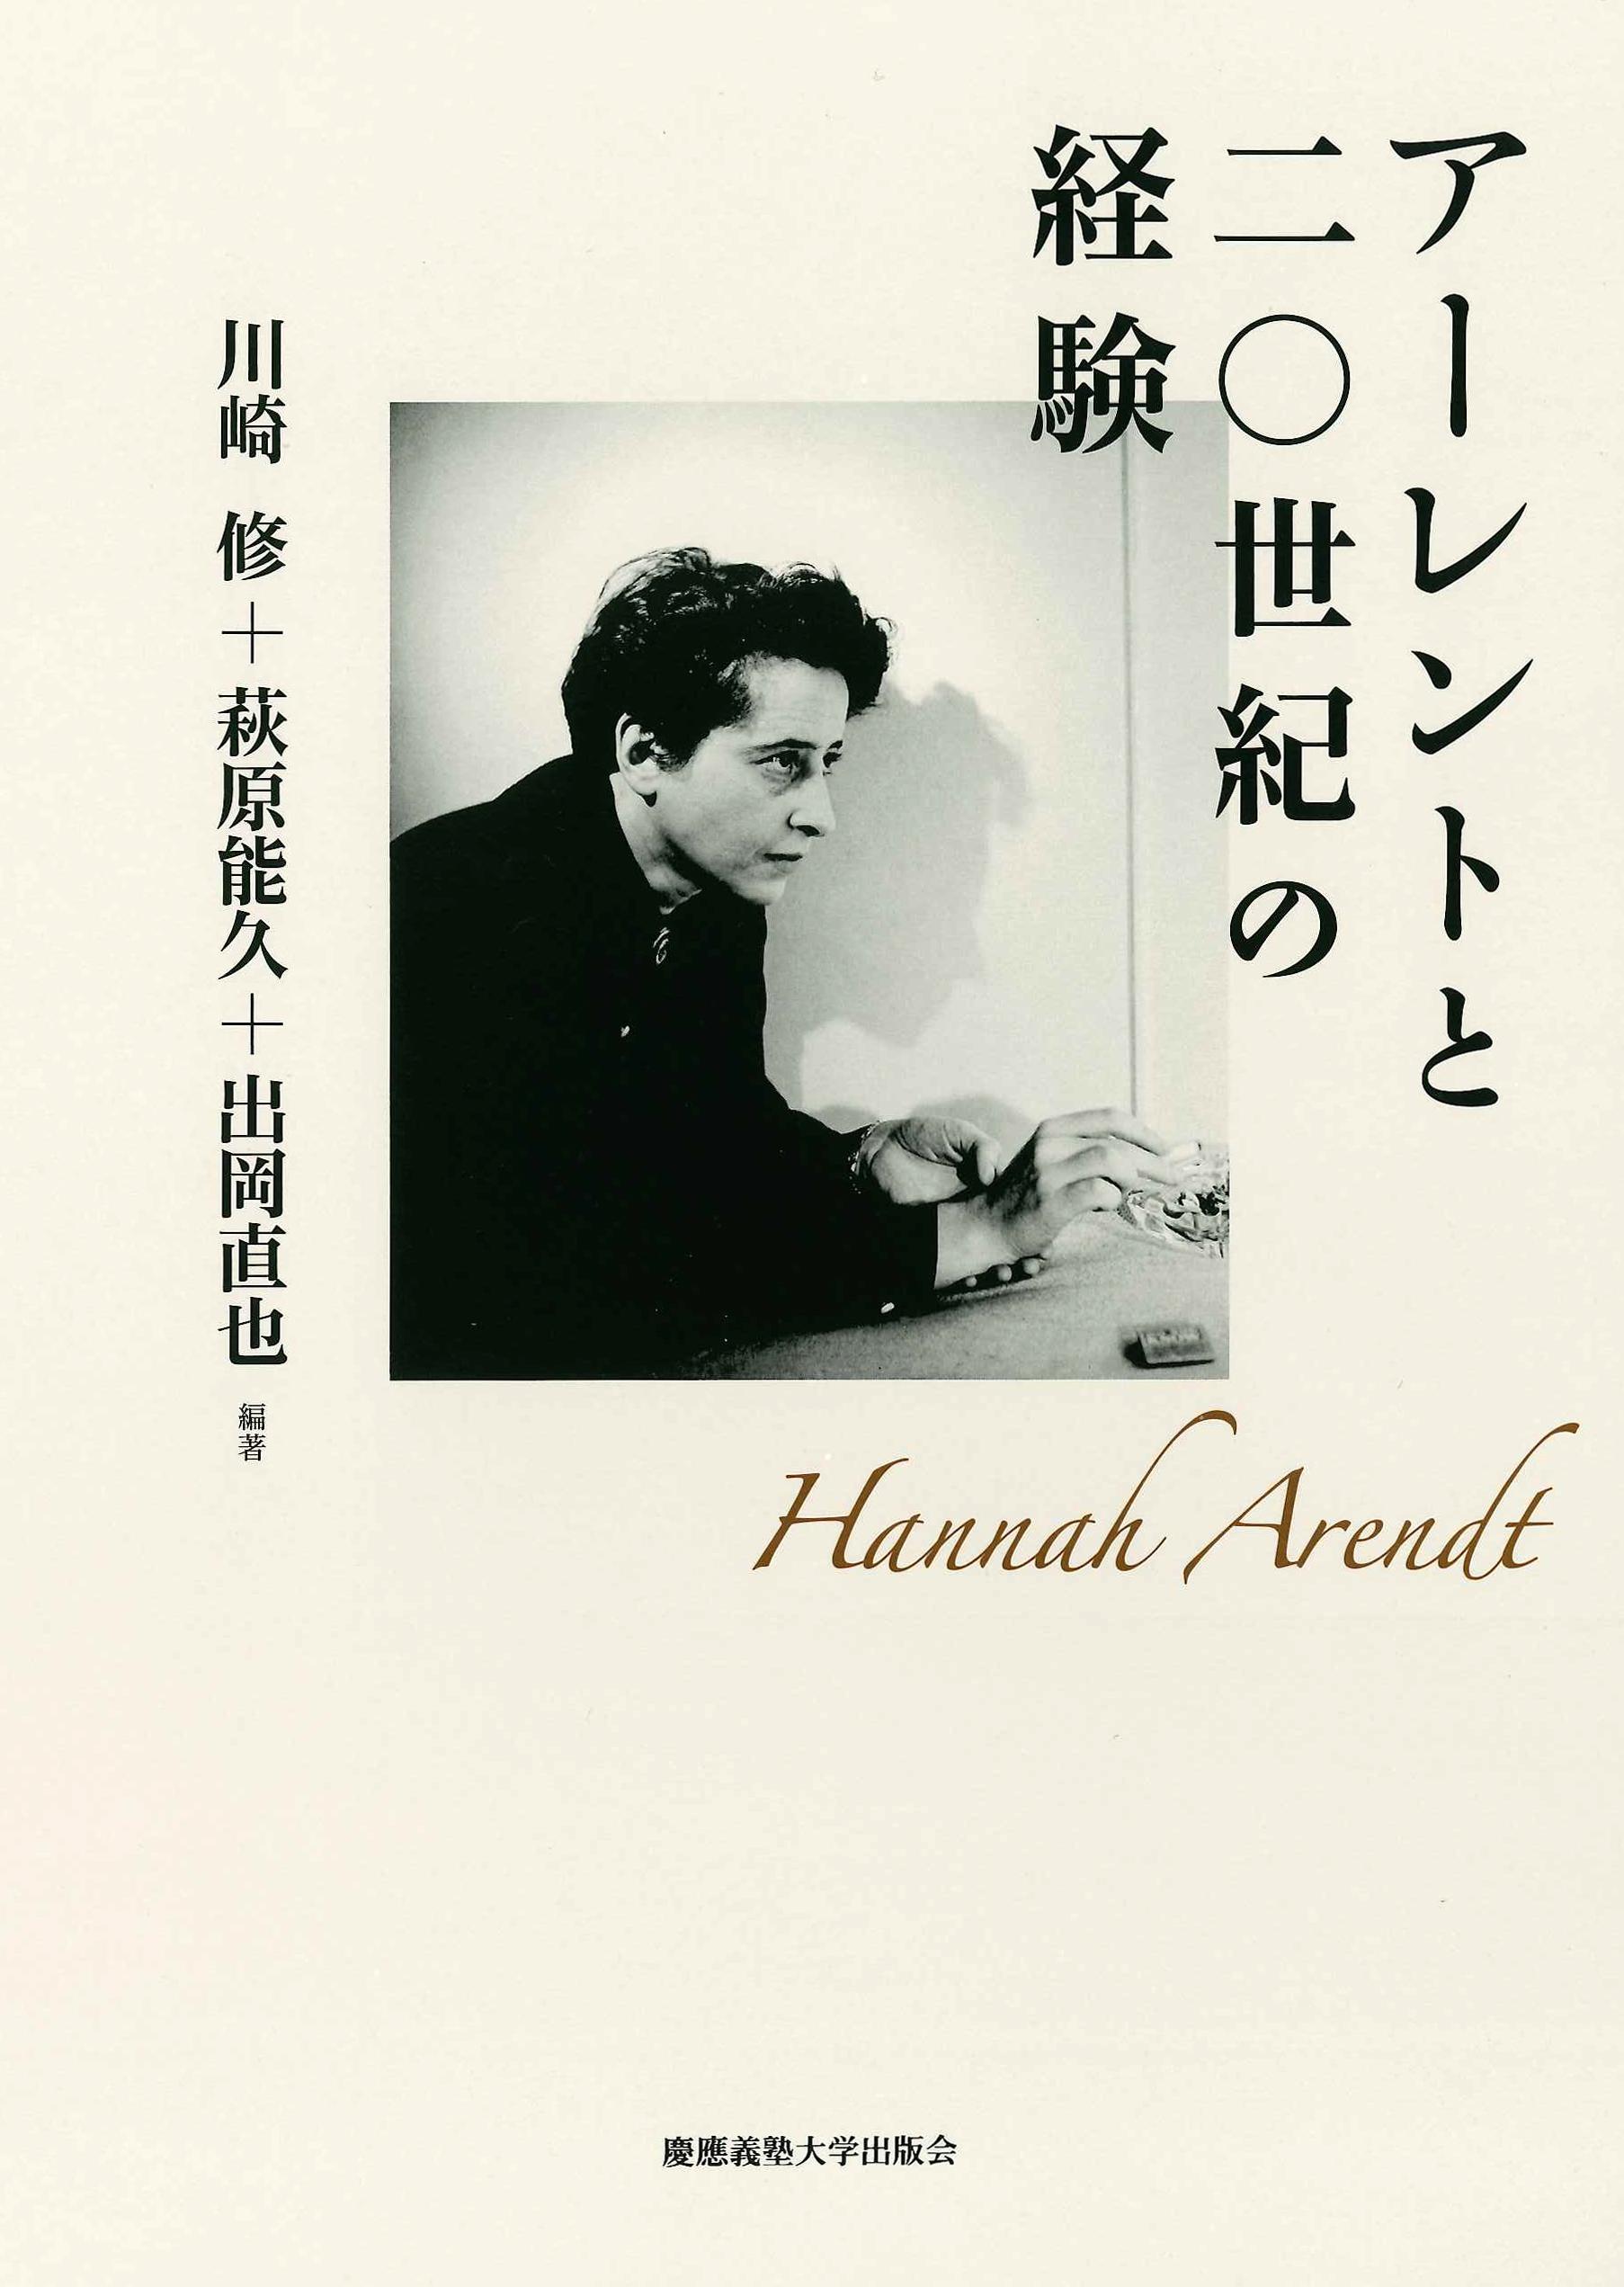 アーレントと二〇世紀の経験 川崎 修 編著 萩原 能久 編著 出岡 直也 編著